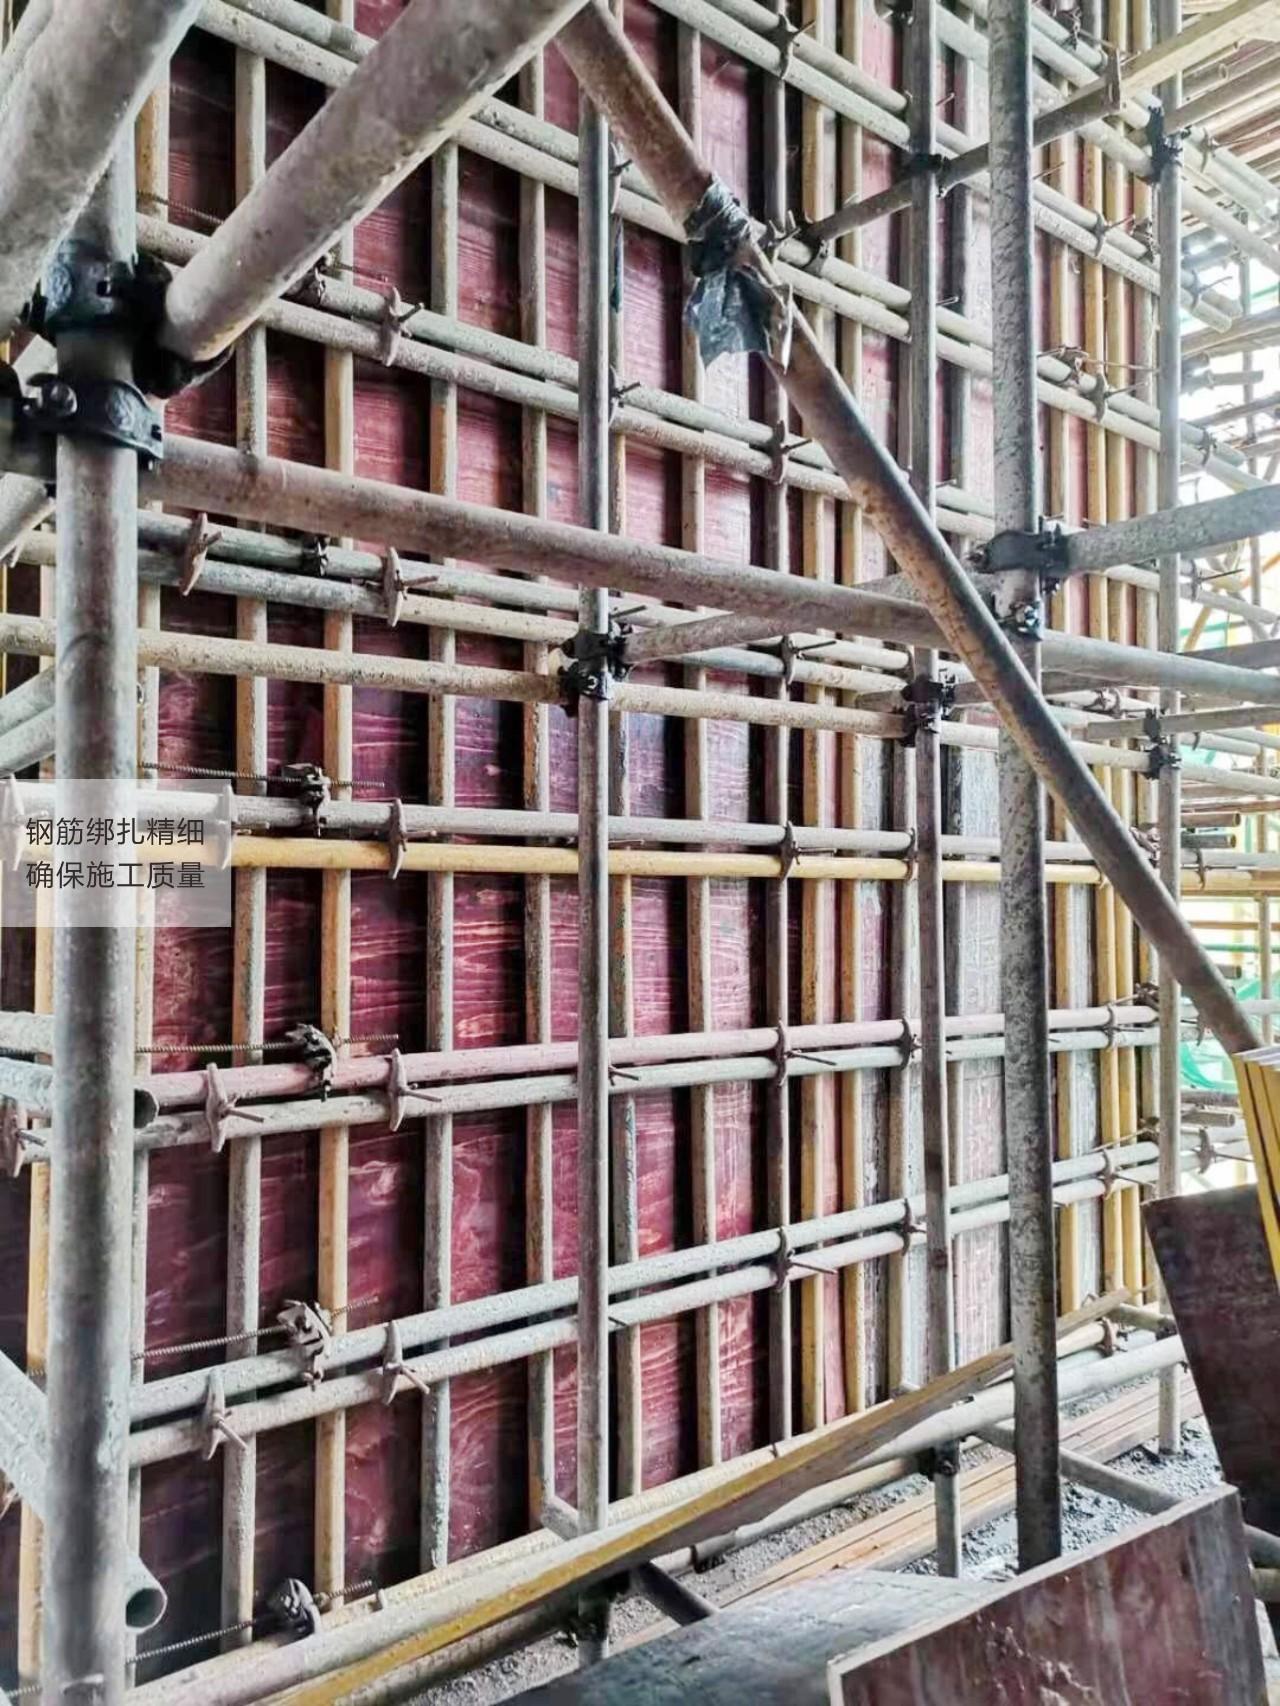 遵义吾悦广场 | 安全施工 严苛筑房 精细管理 我们在行动 -中国网地产